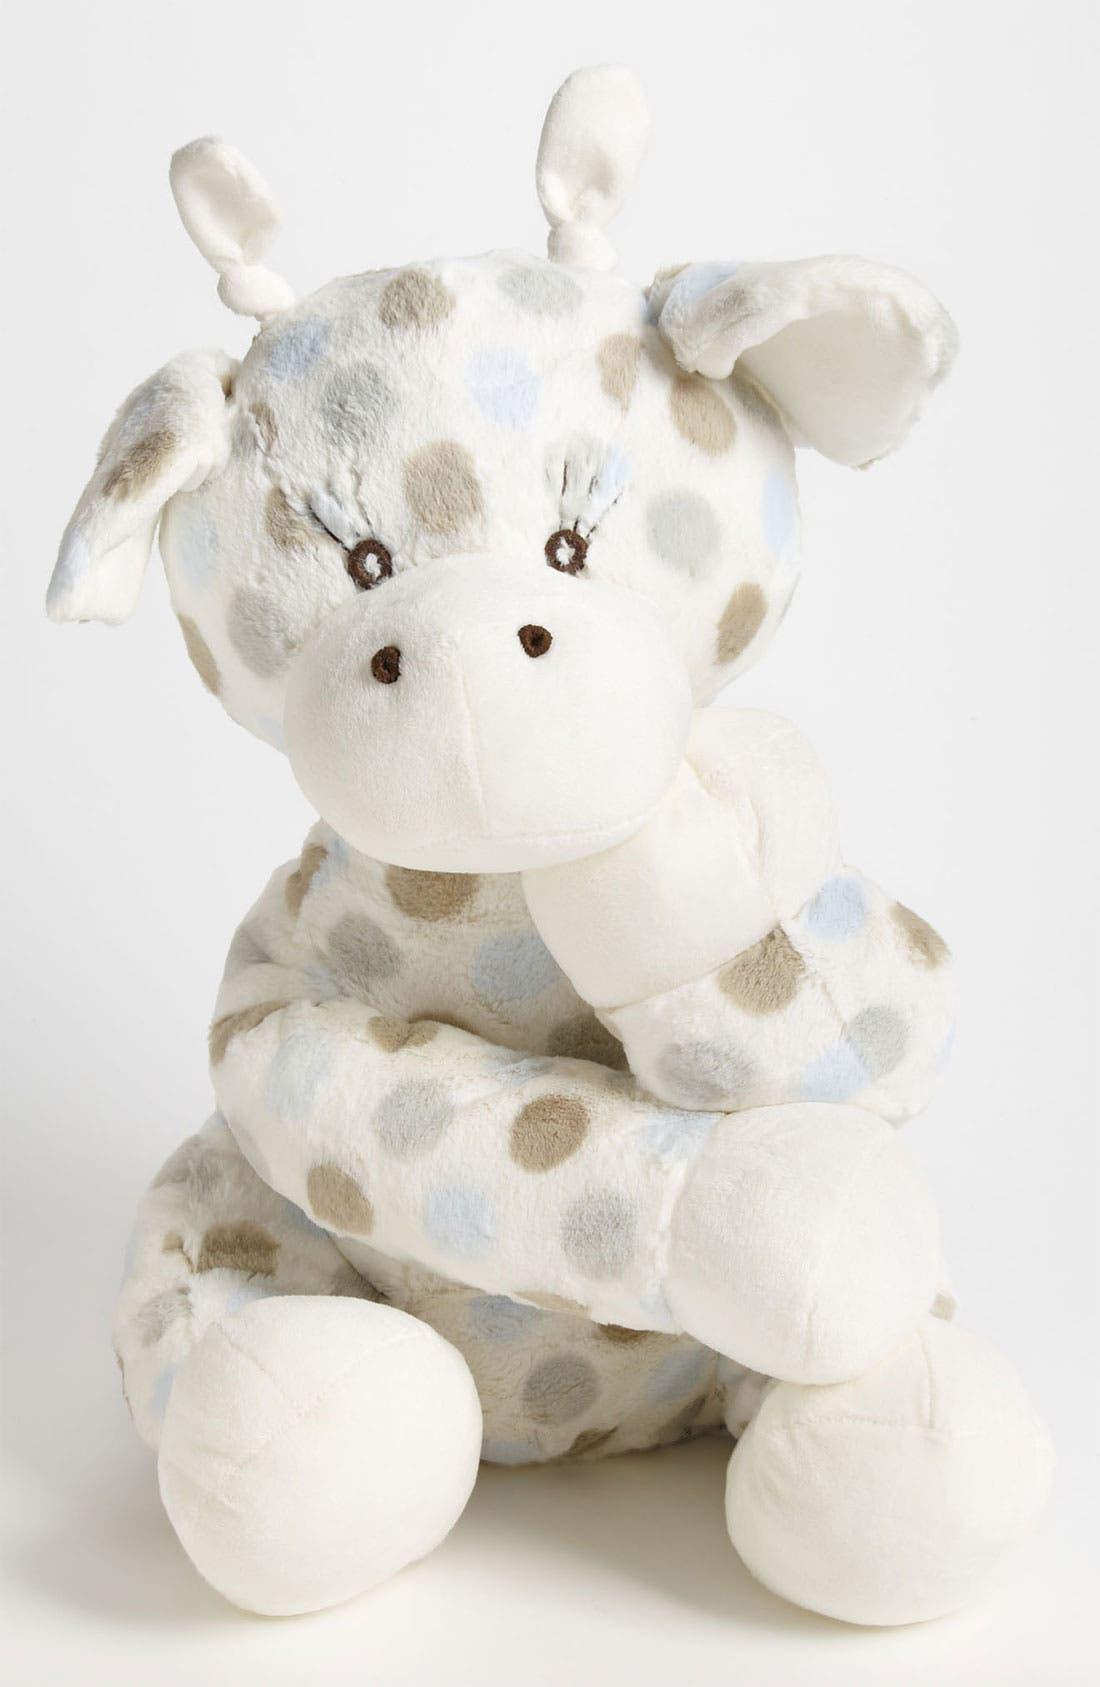 Alternate Image 1 Selected - Little Giraffe 'Big G' Oversize Stuffed Giraffe (Infant)